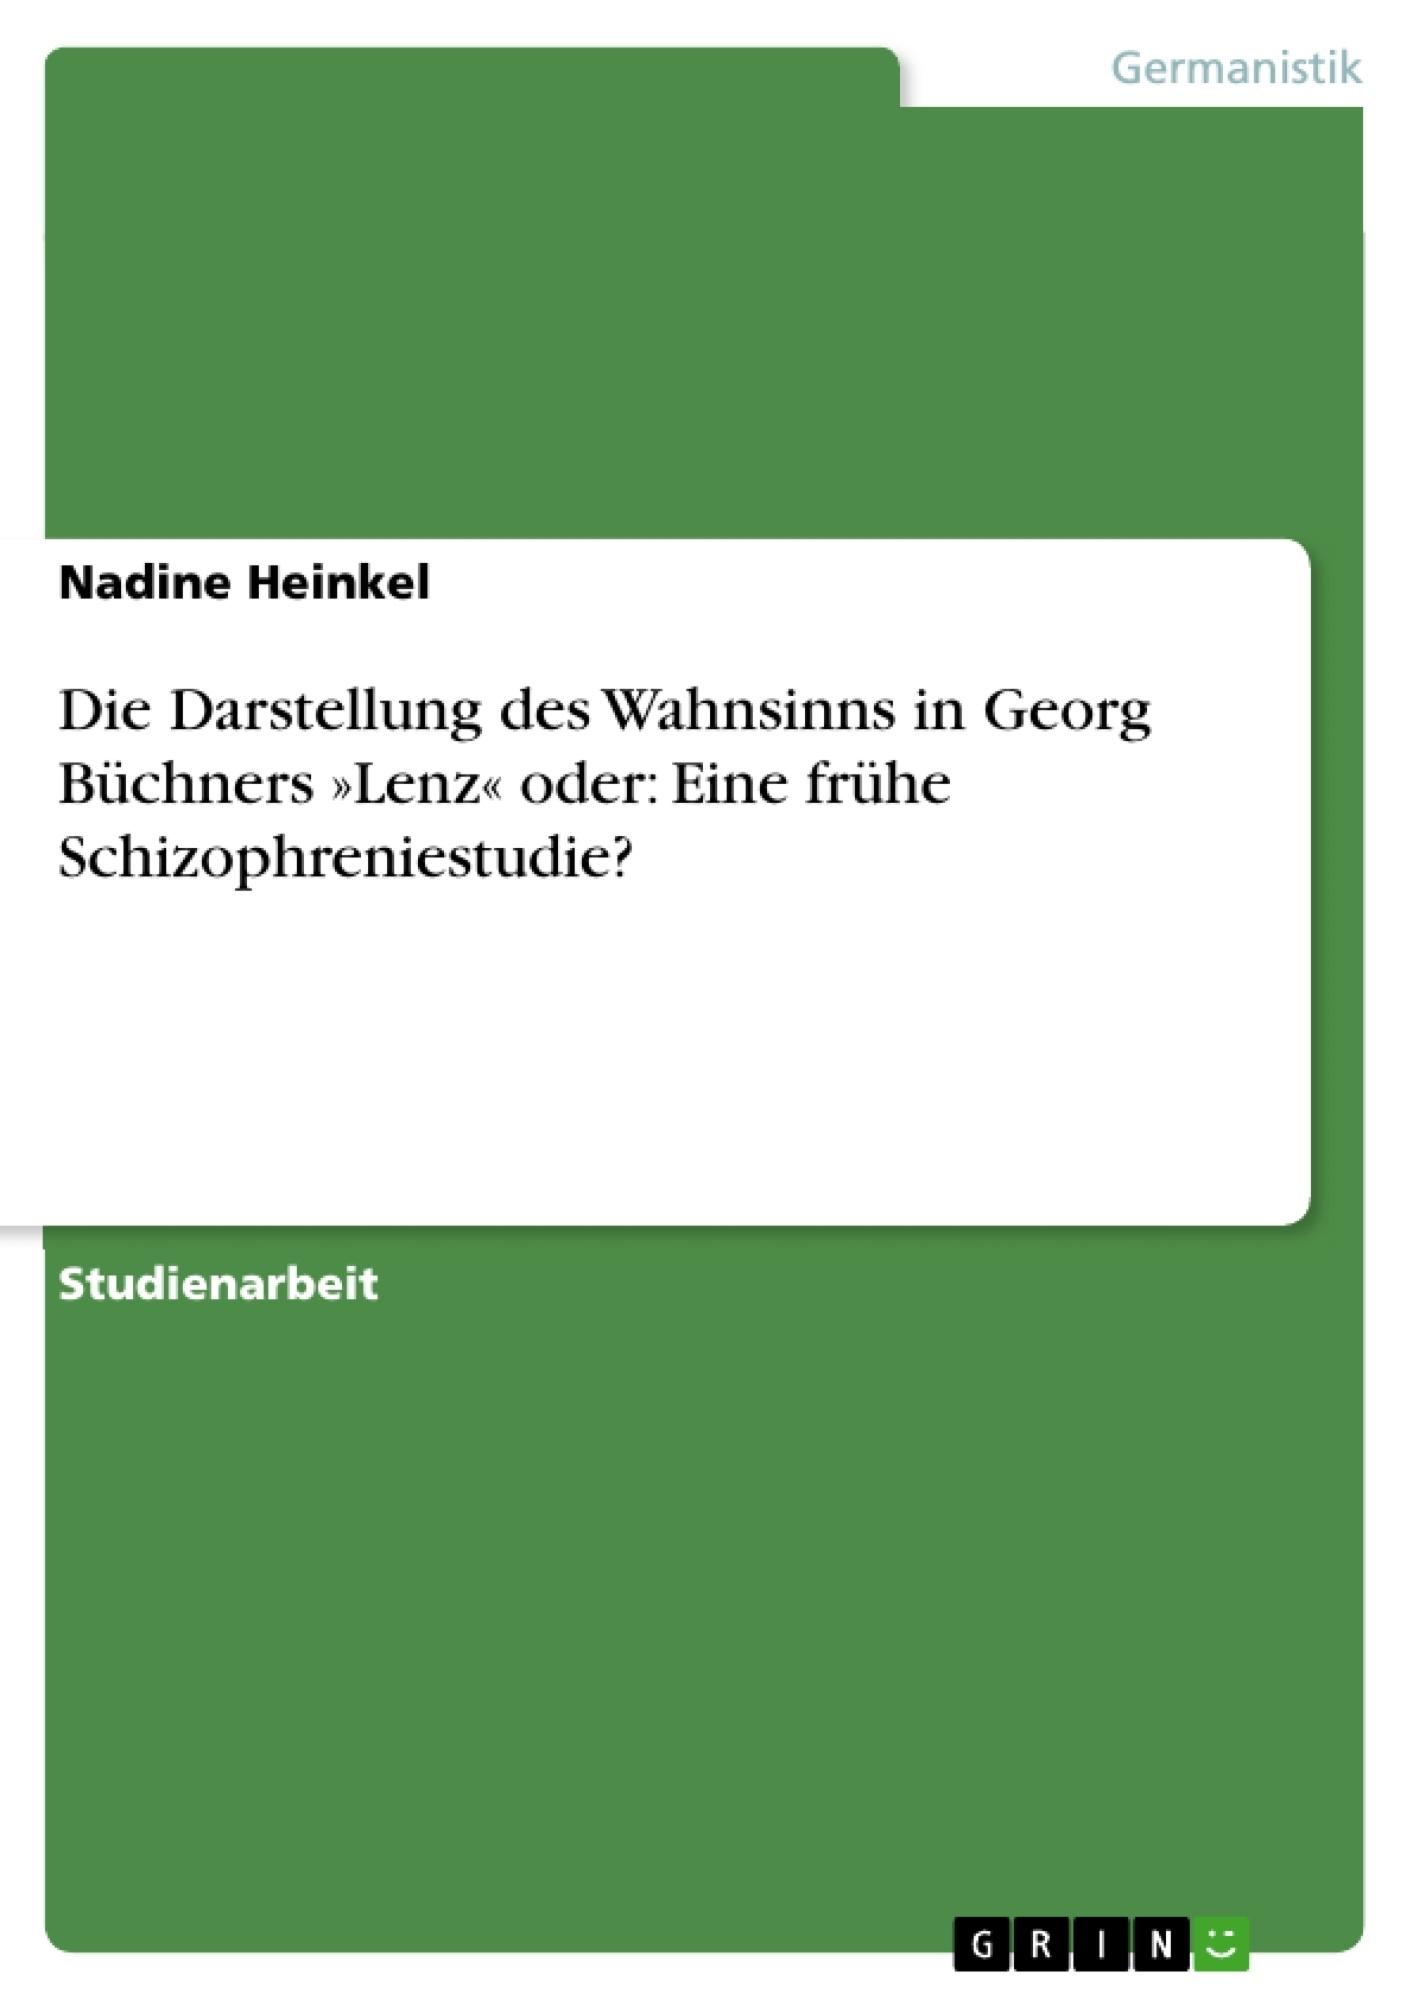 Titel: Die Darstellung des Wahnsinns in Georg Büchners »Lenz« oder: Eine frühe Schizophreniestudie?